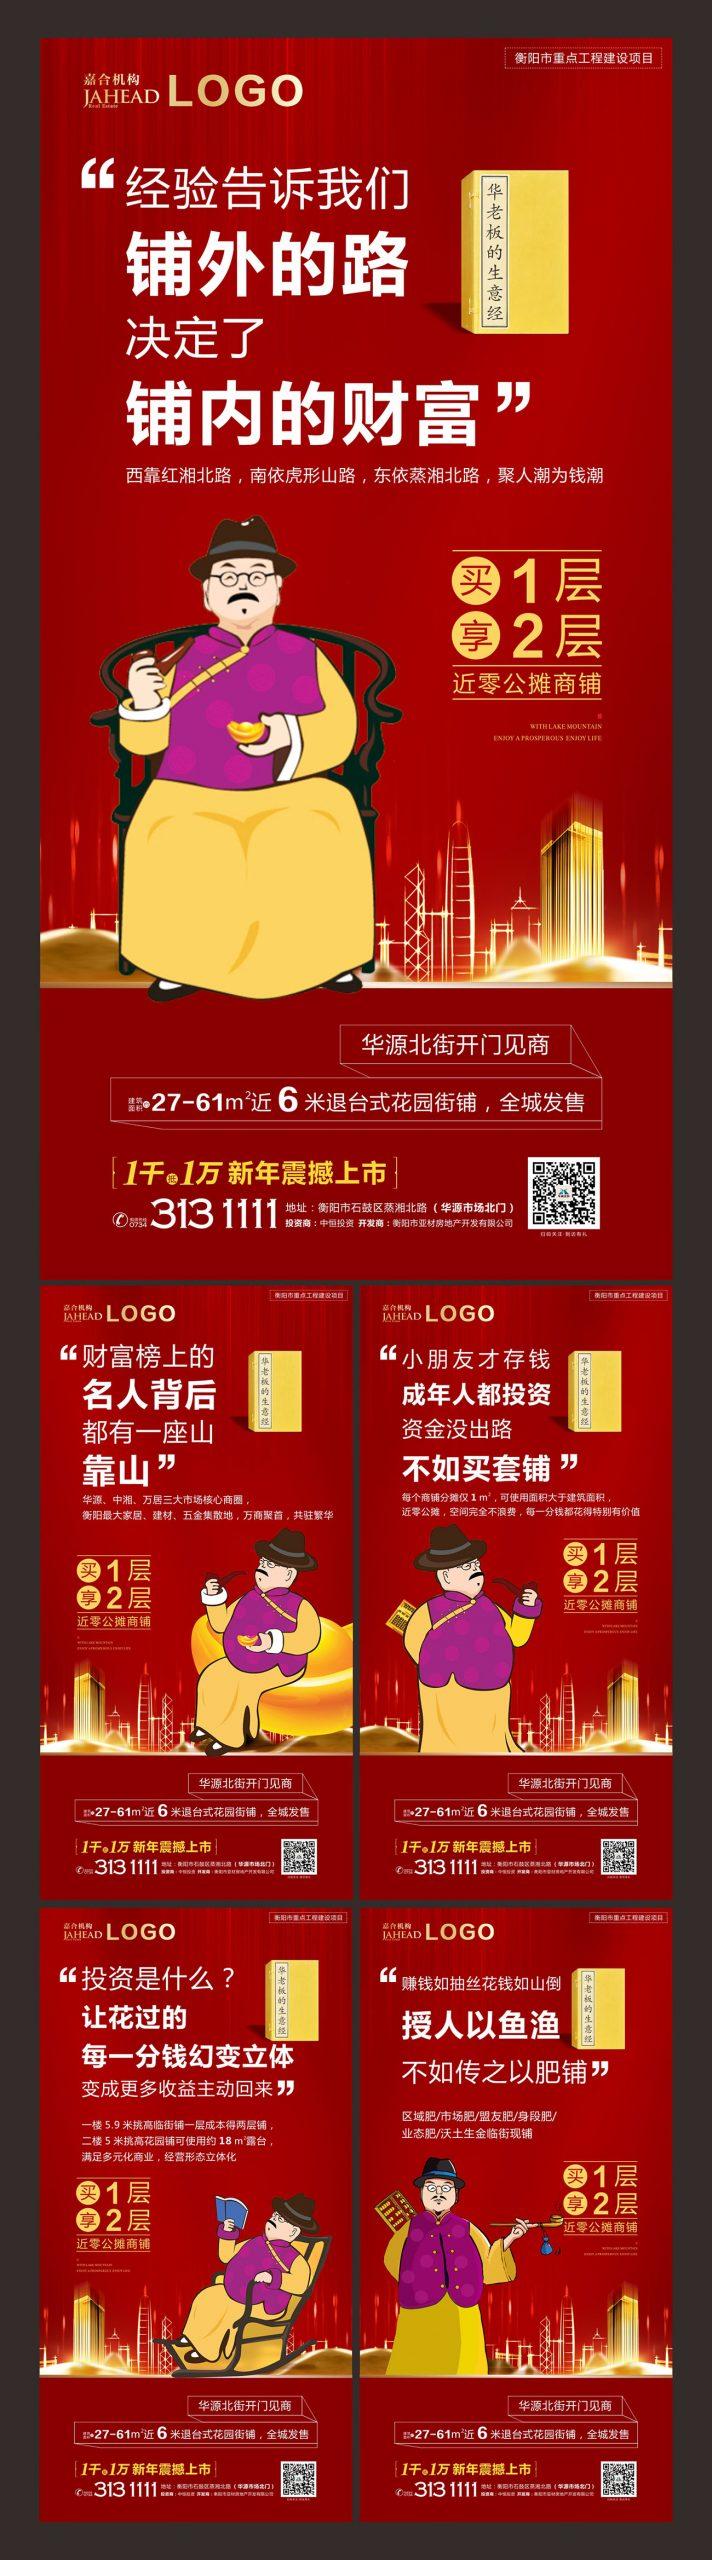 商业地产商铺招商海报系列CDR源文件插图